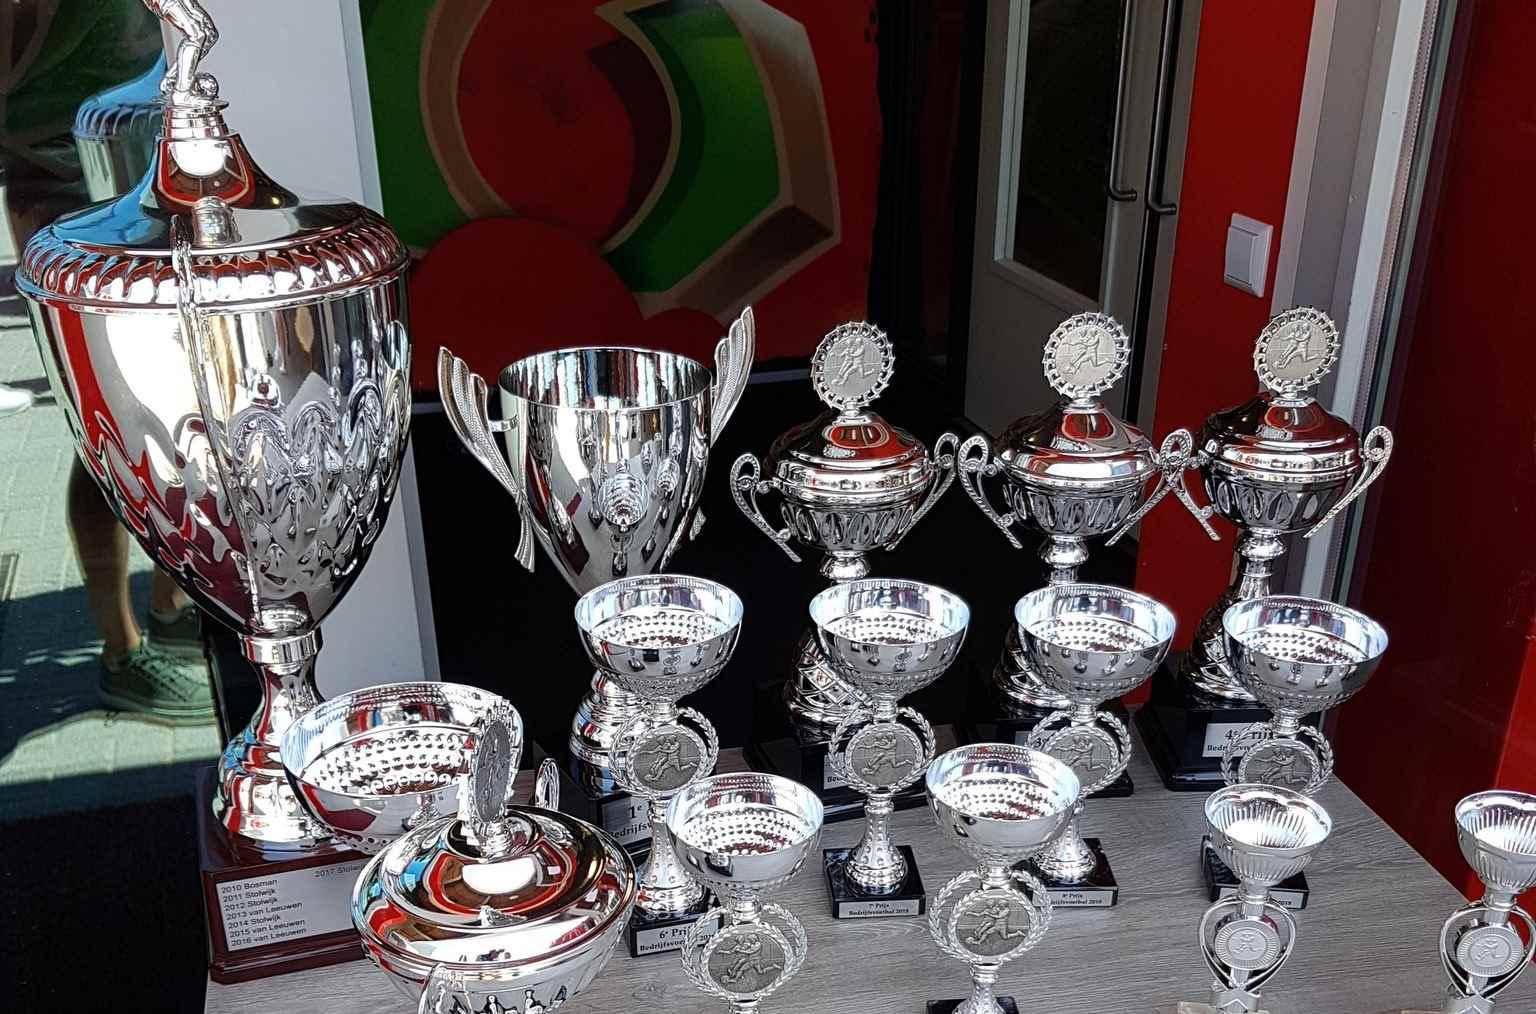 Van Oort wint 51e editie Piet v/d Bosch Bedrijfsvoetbal toernooi